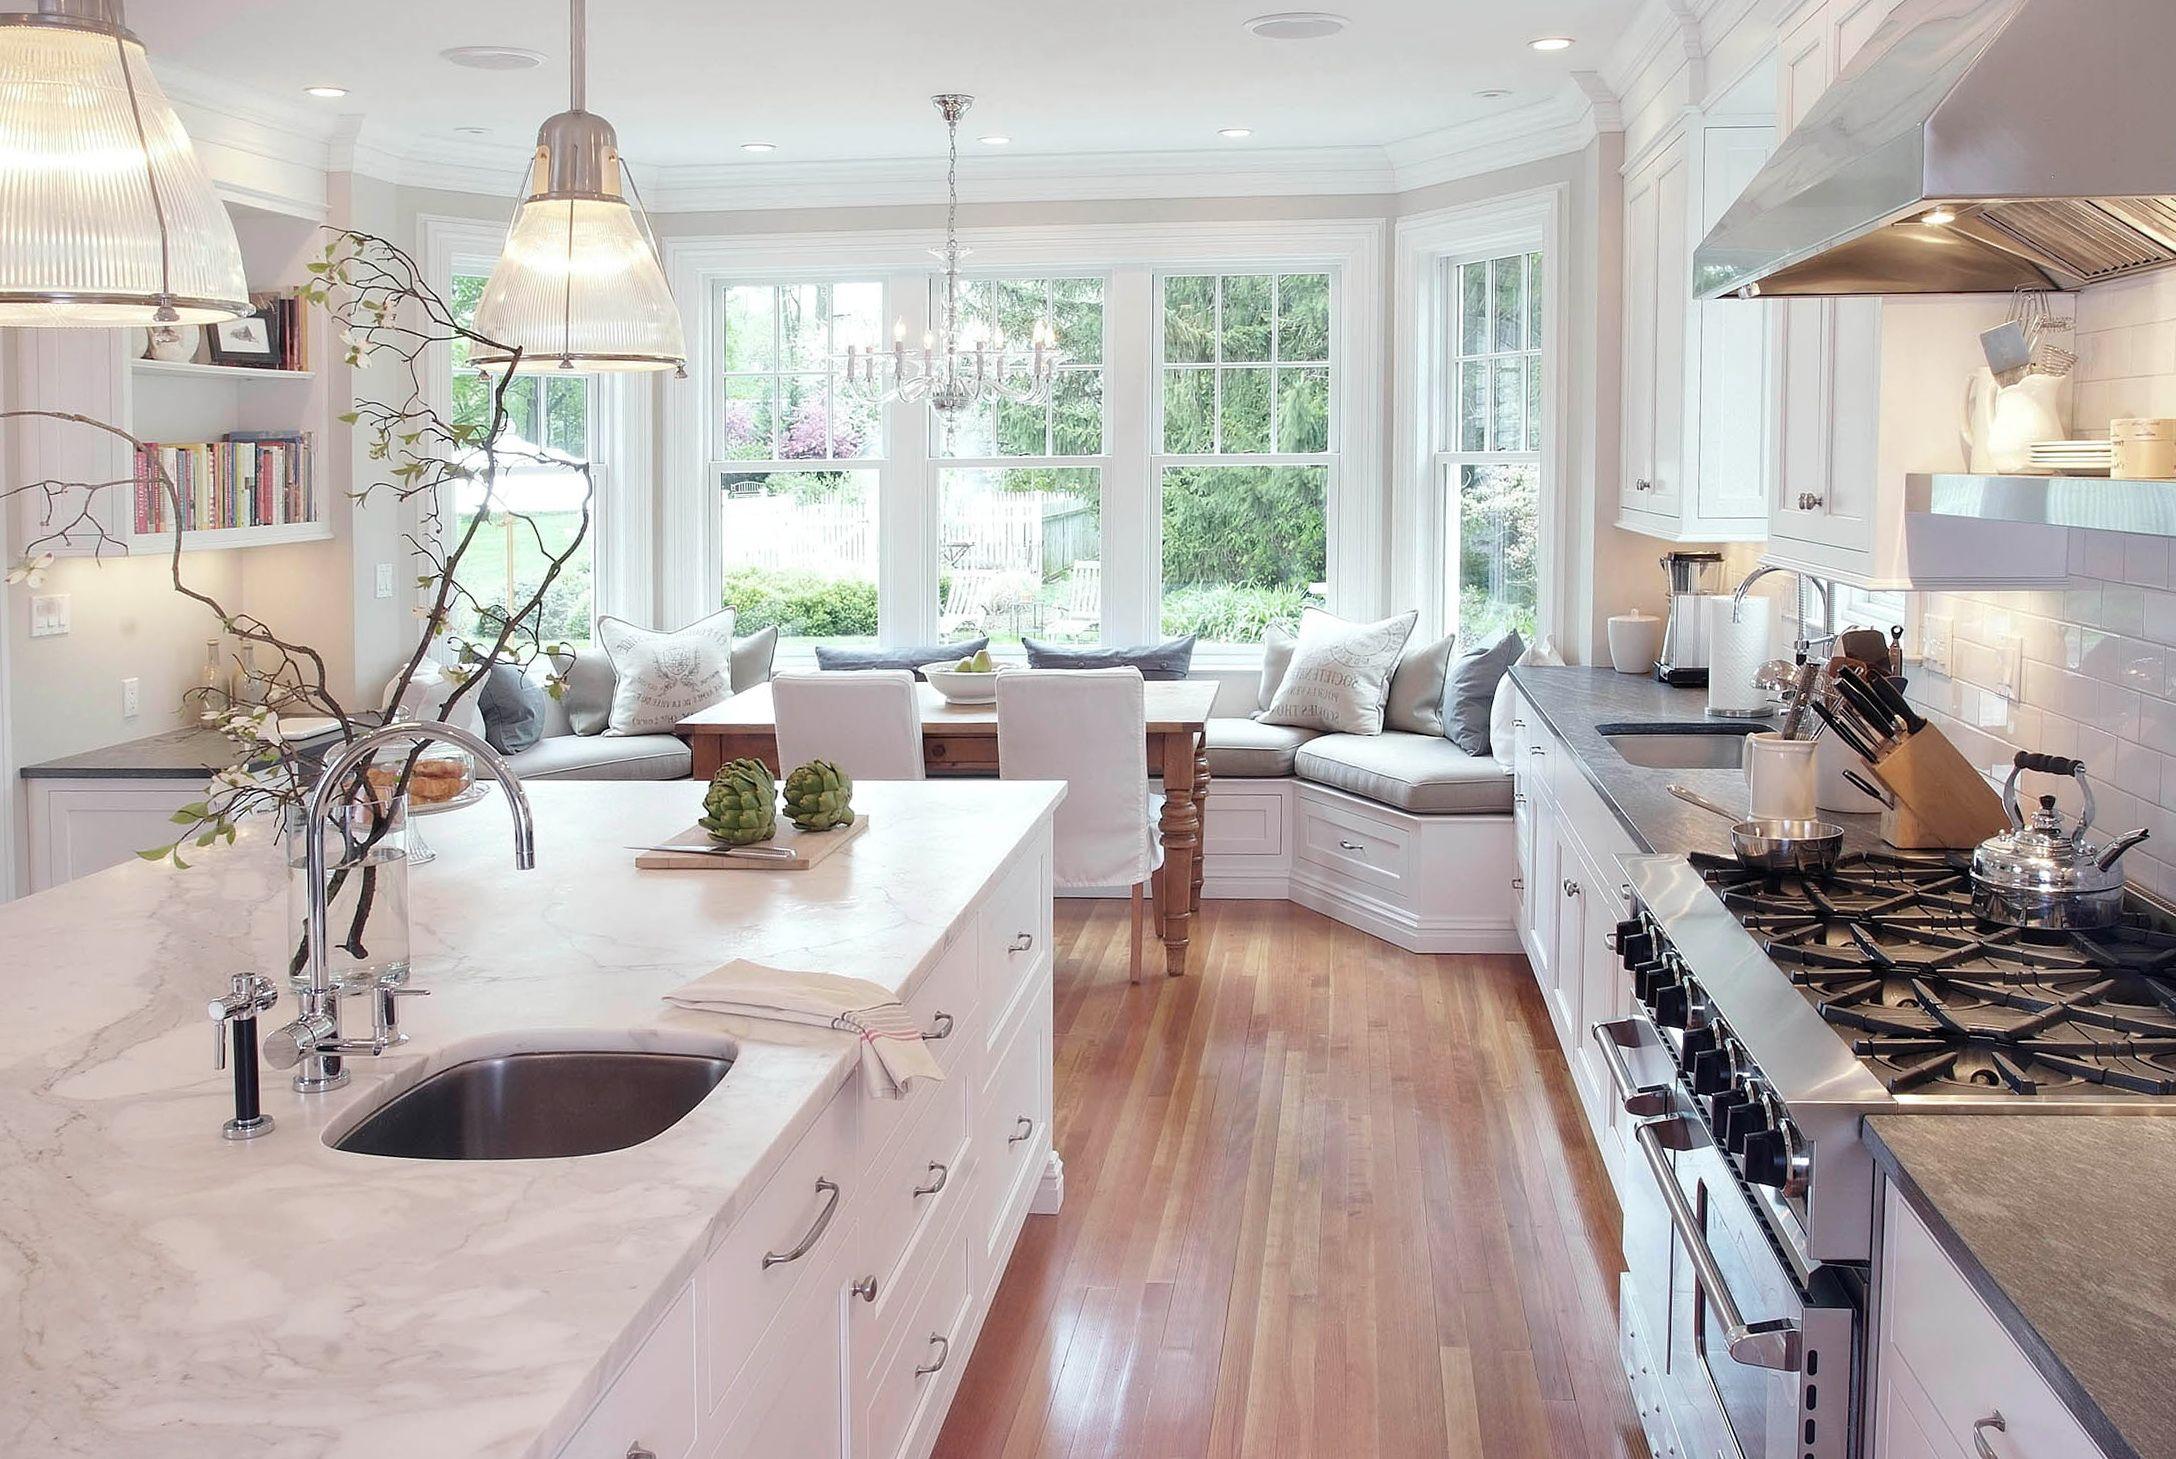 Window Bench Seat Kitchen Jpg 2176 1459